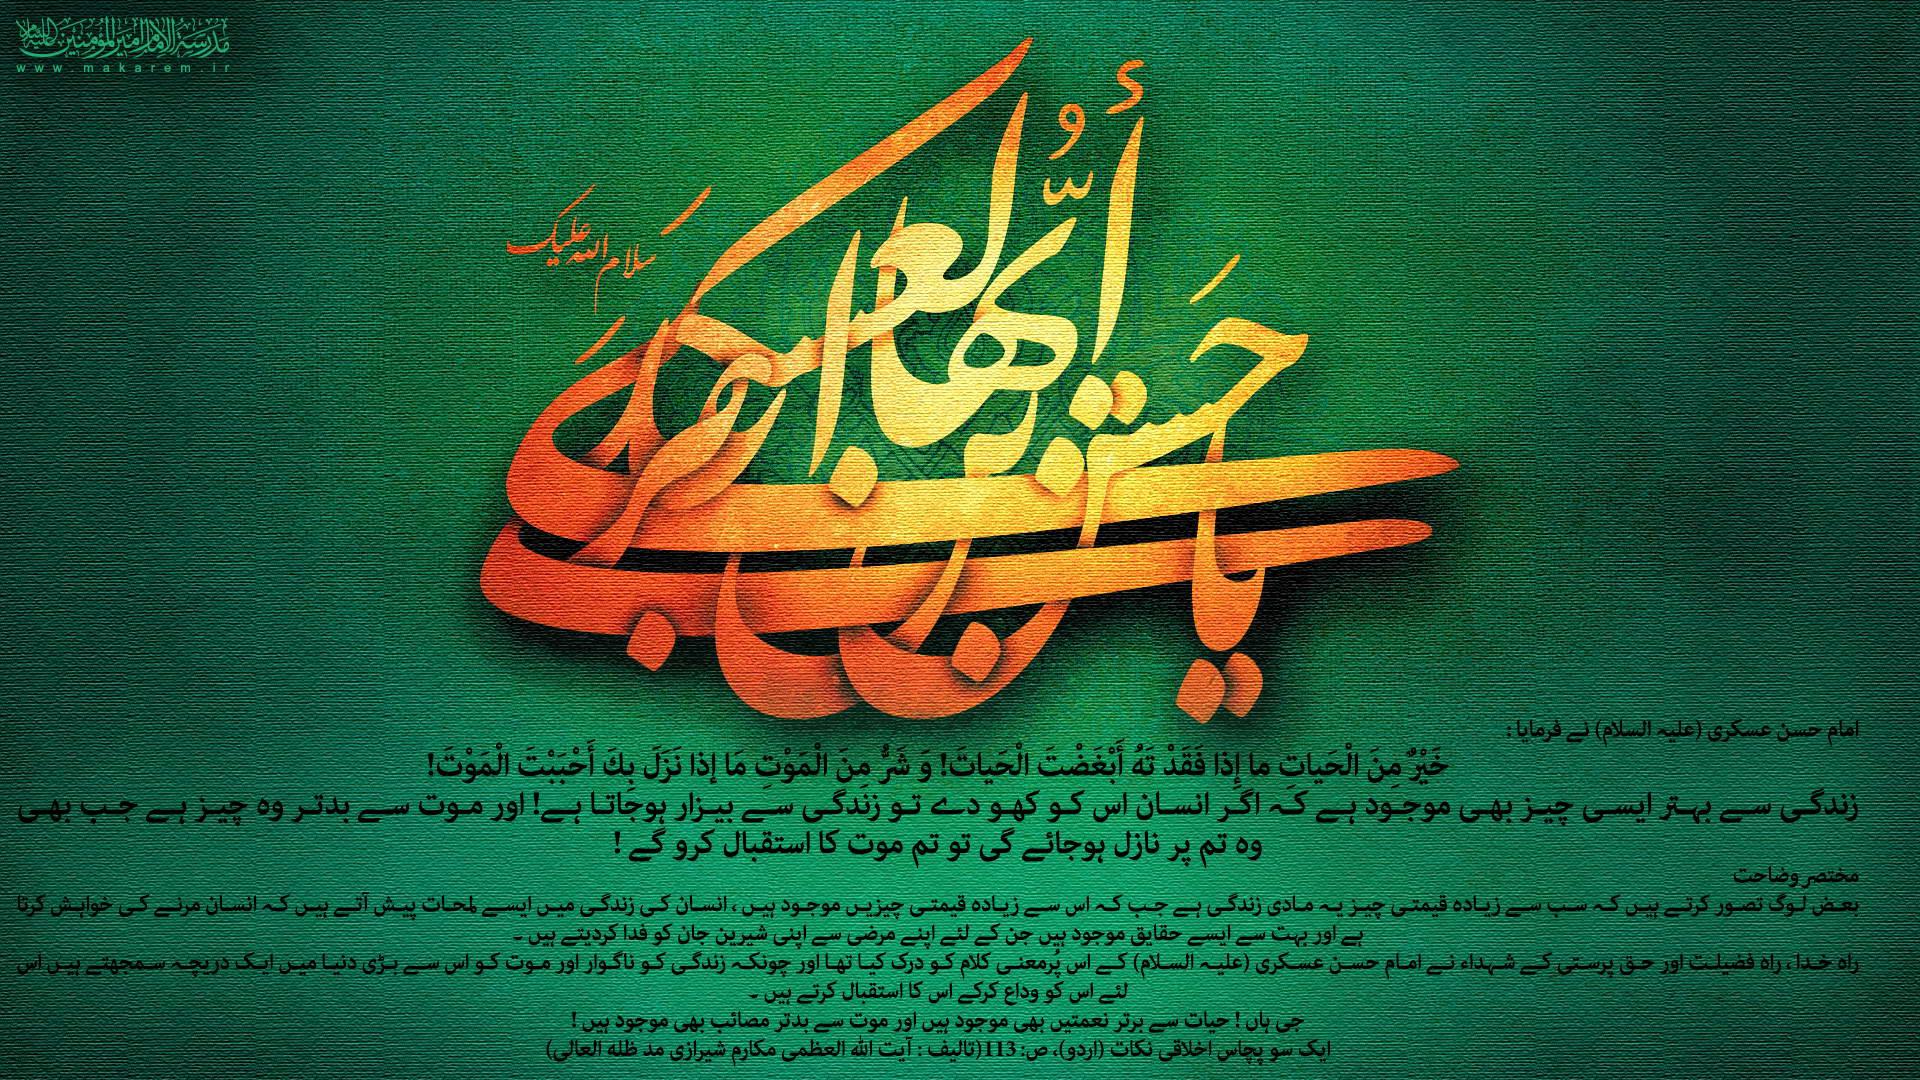 ولادت امام حسن عسکری علیه السلام -مدرسه الامام امیر المومنین (ع)